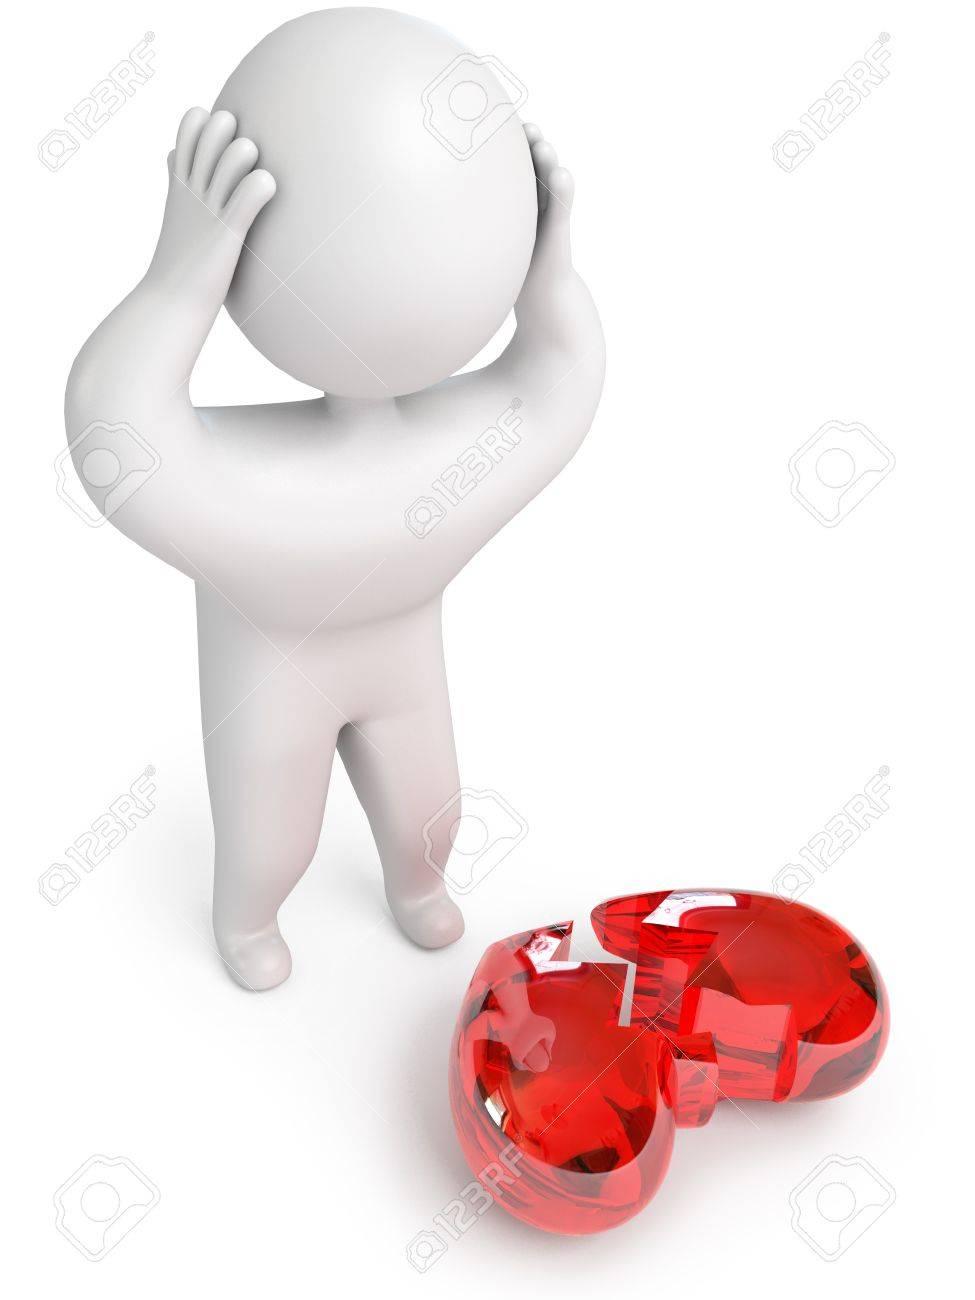 a broken heart, 3d render Stock Photo - 13923747